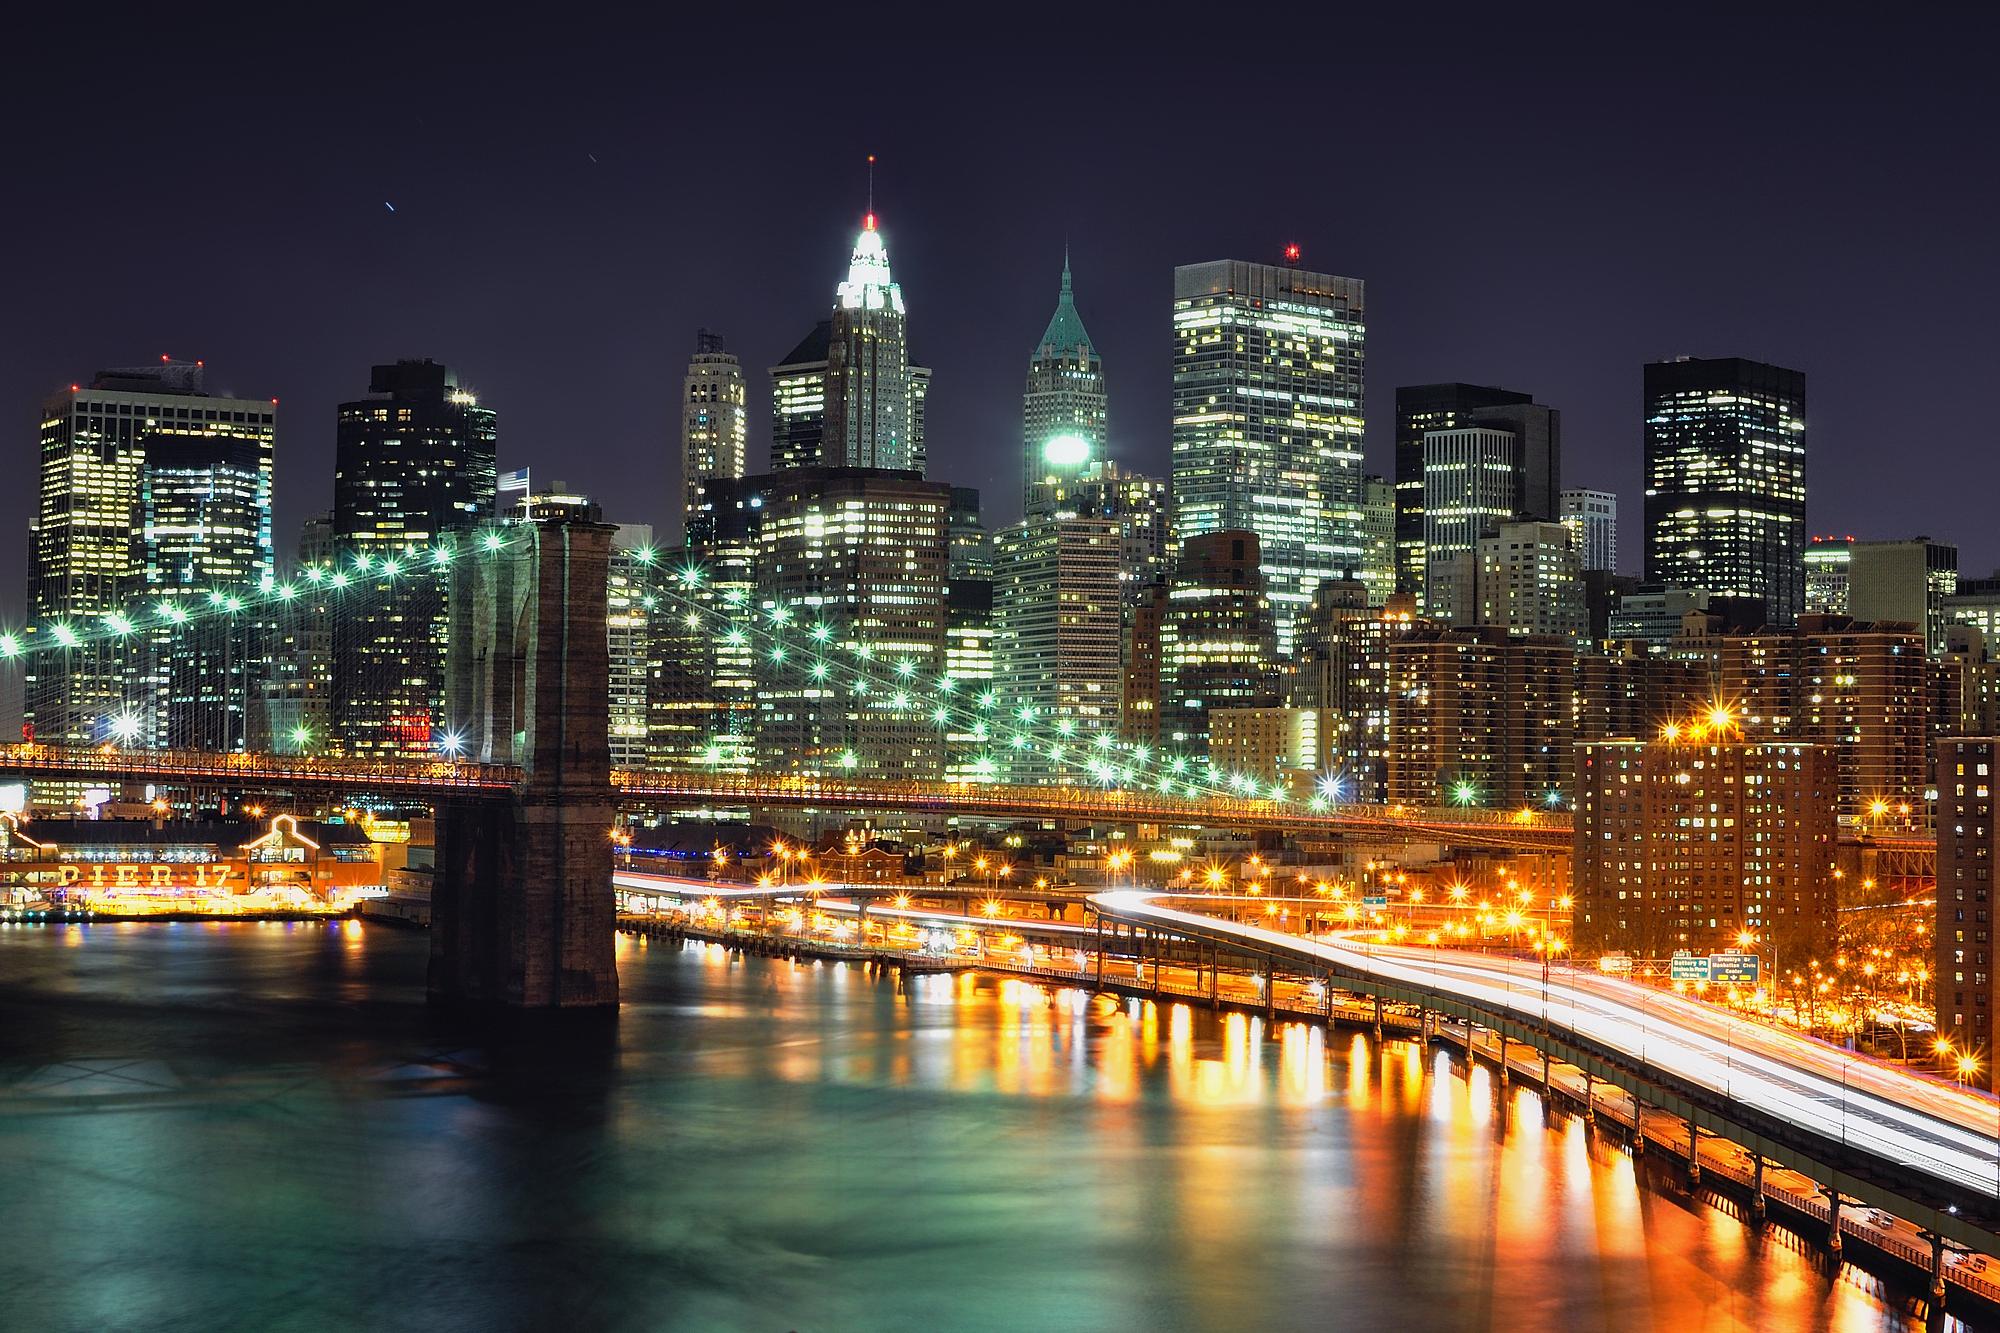 лучшая подружка красивые картинки ночного города на рабочий грэм считает, что